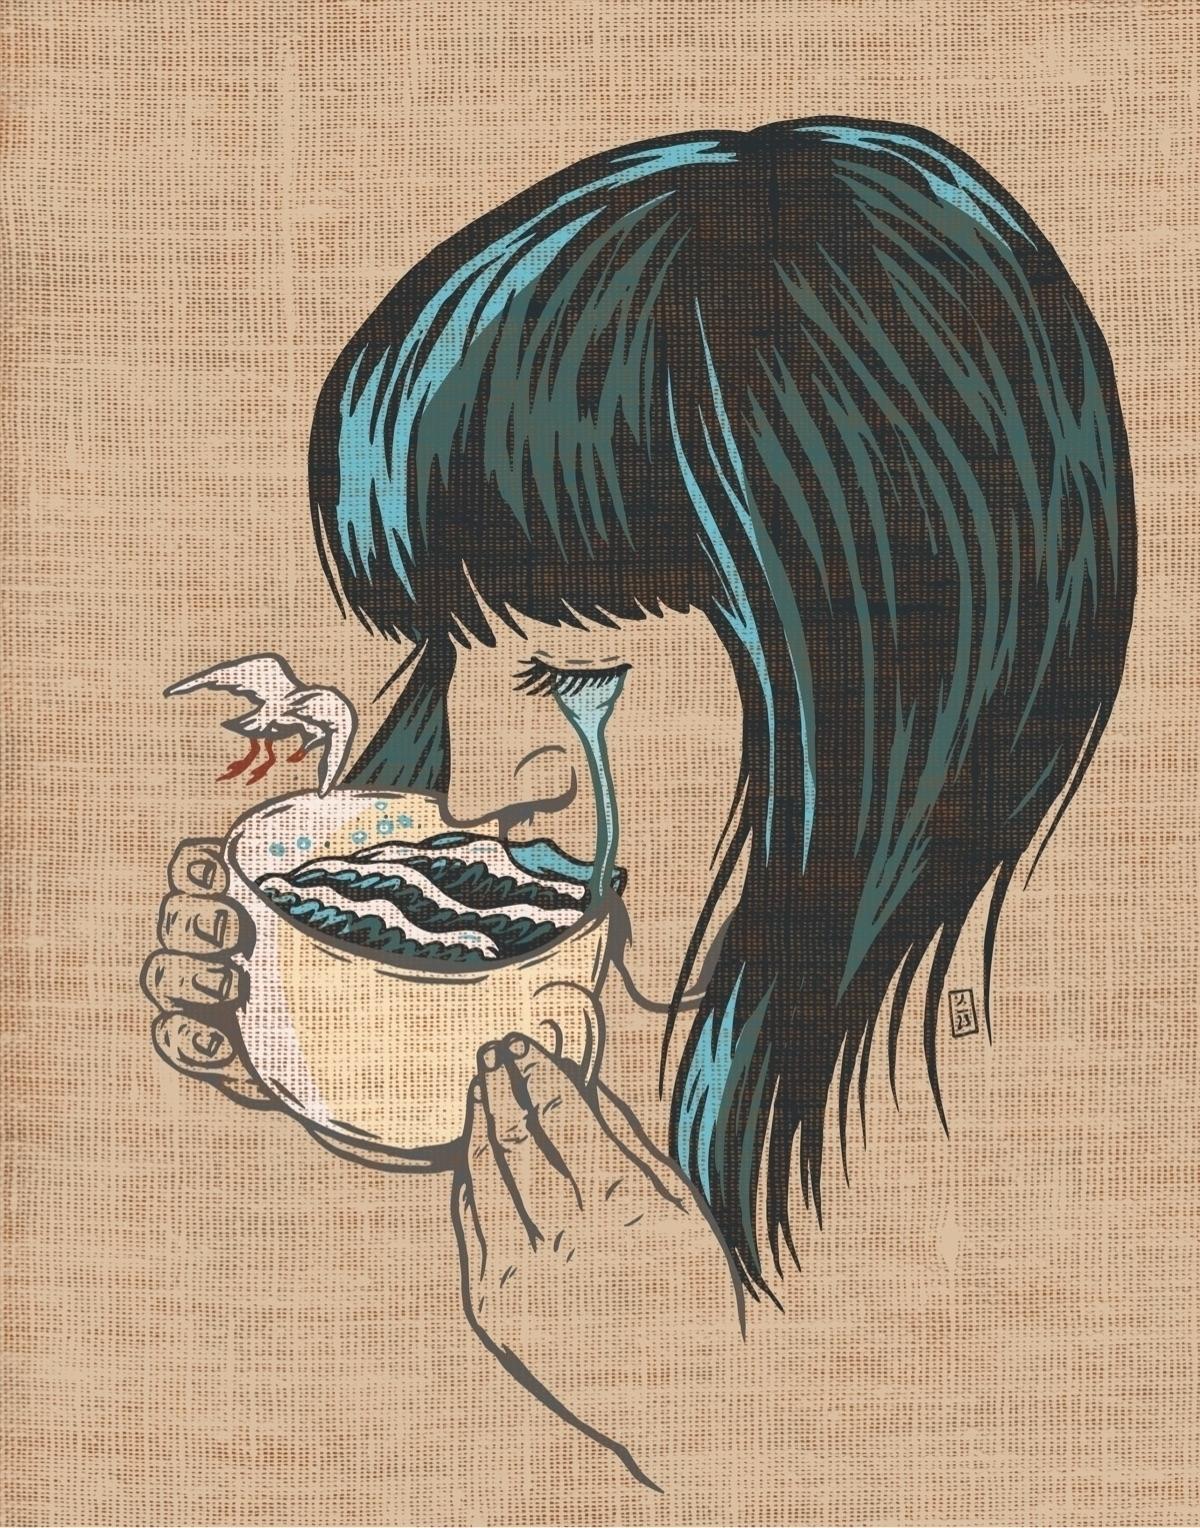 Her Tears Became The Sea illust - thomcat23 | ello